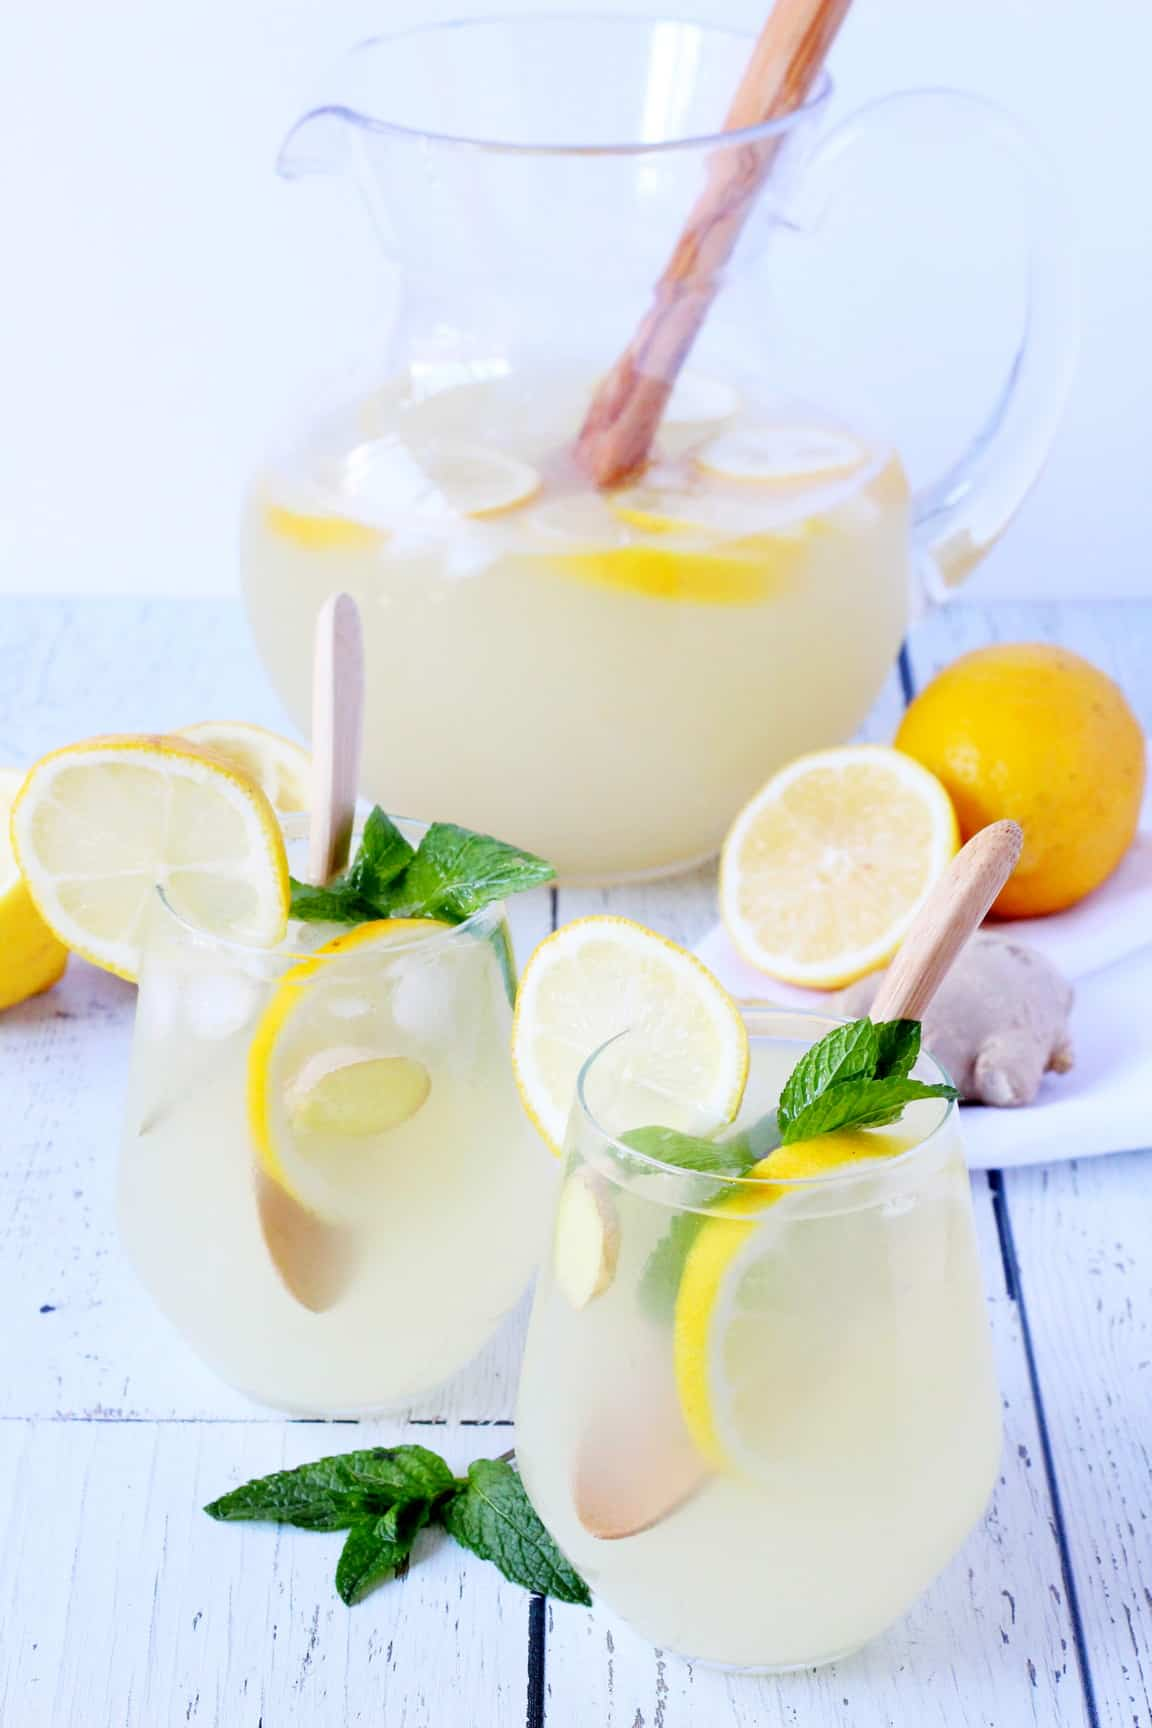 Ginger lemonade in two plastic glasses